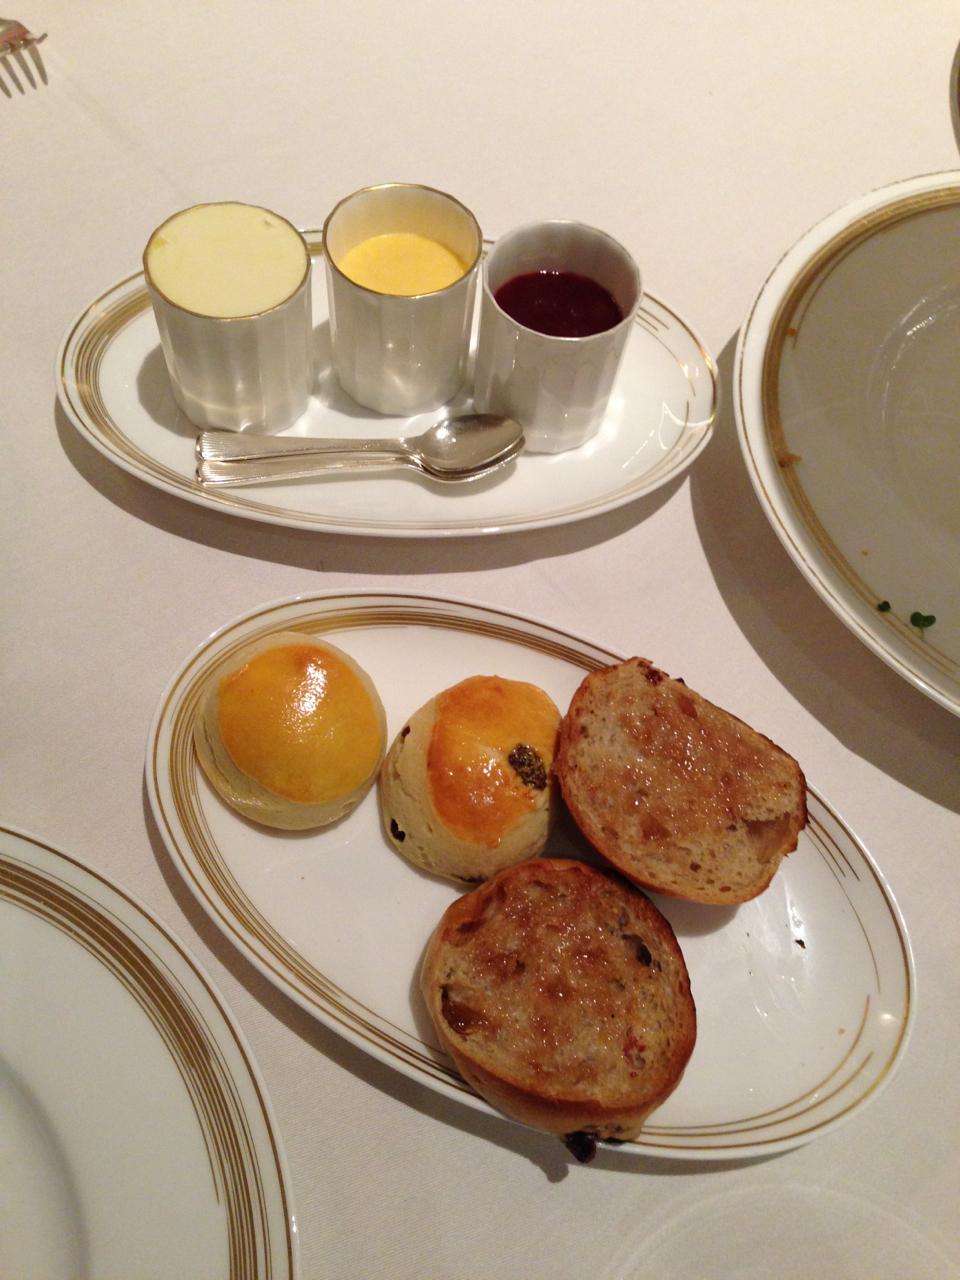 Também serviram scones que se come com clotted cream e geléia.